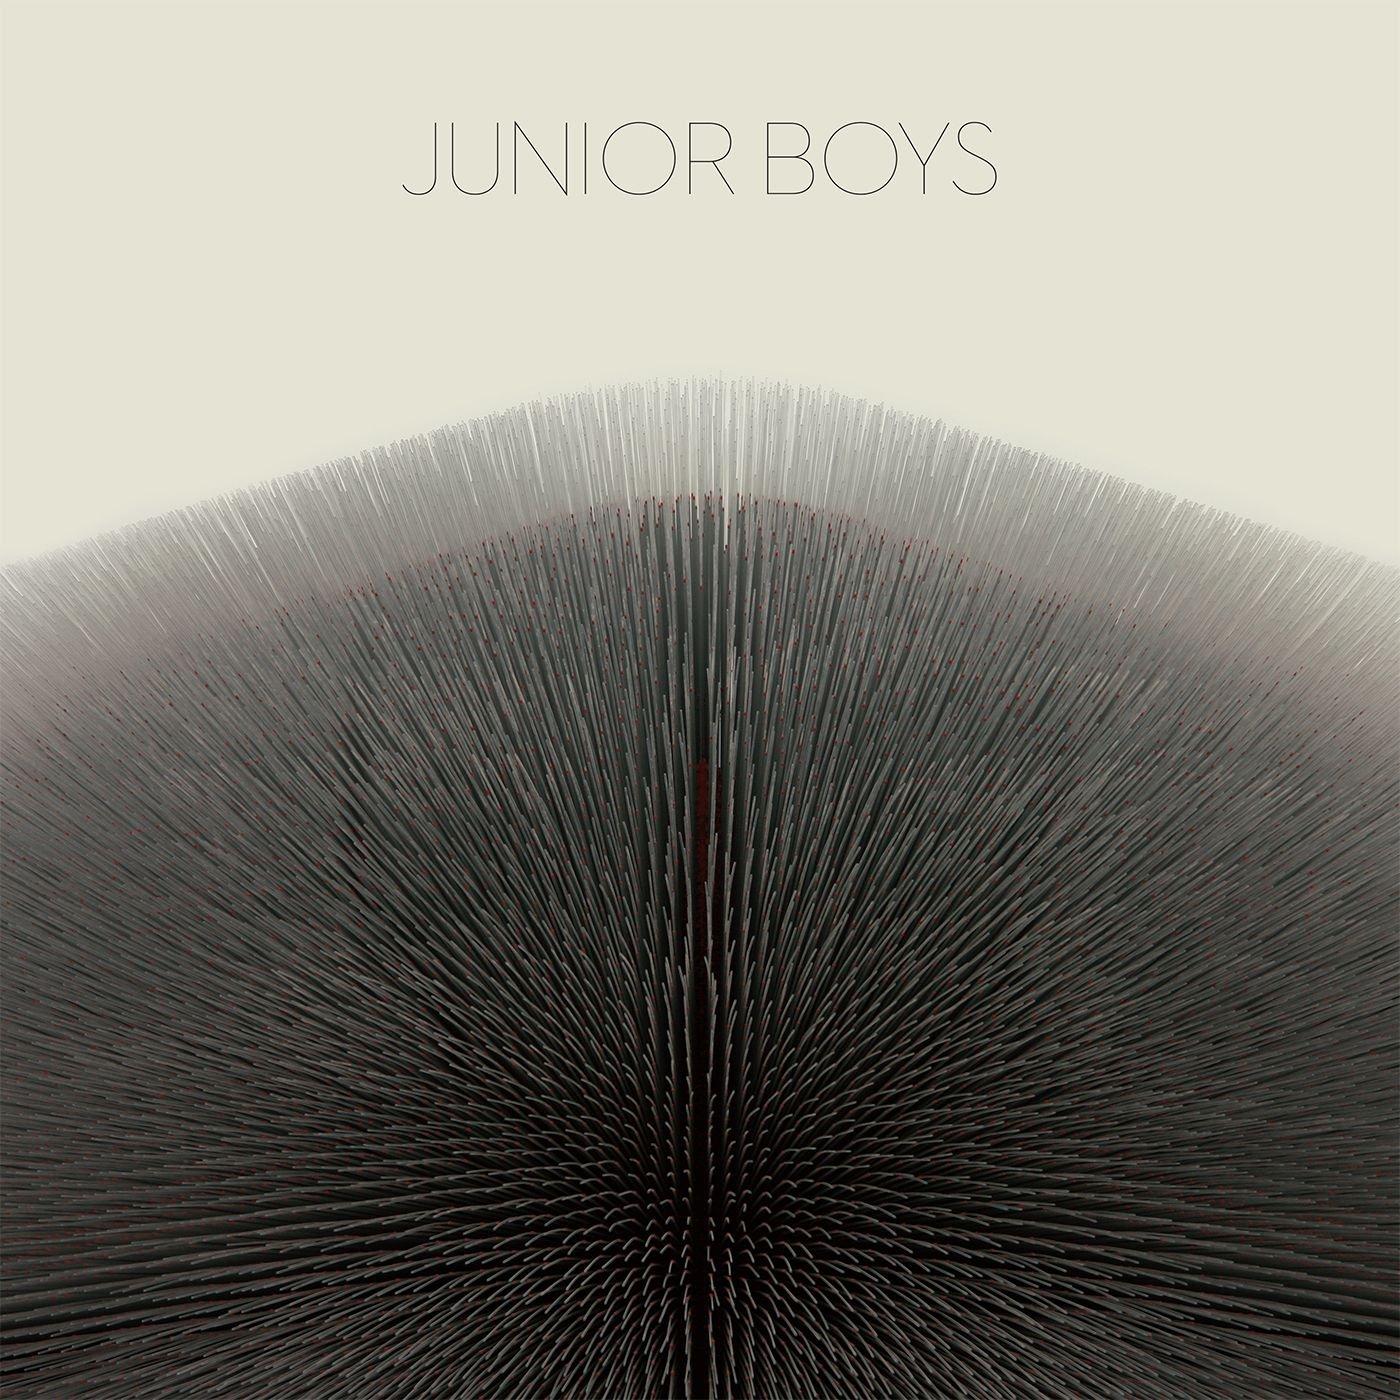 CD : Junior Boys - Its All True (CD)